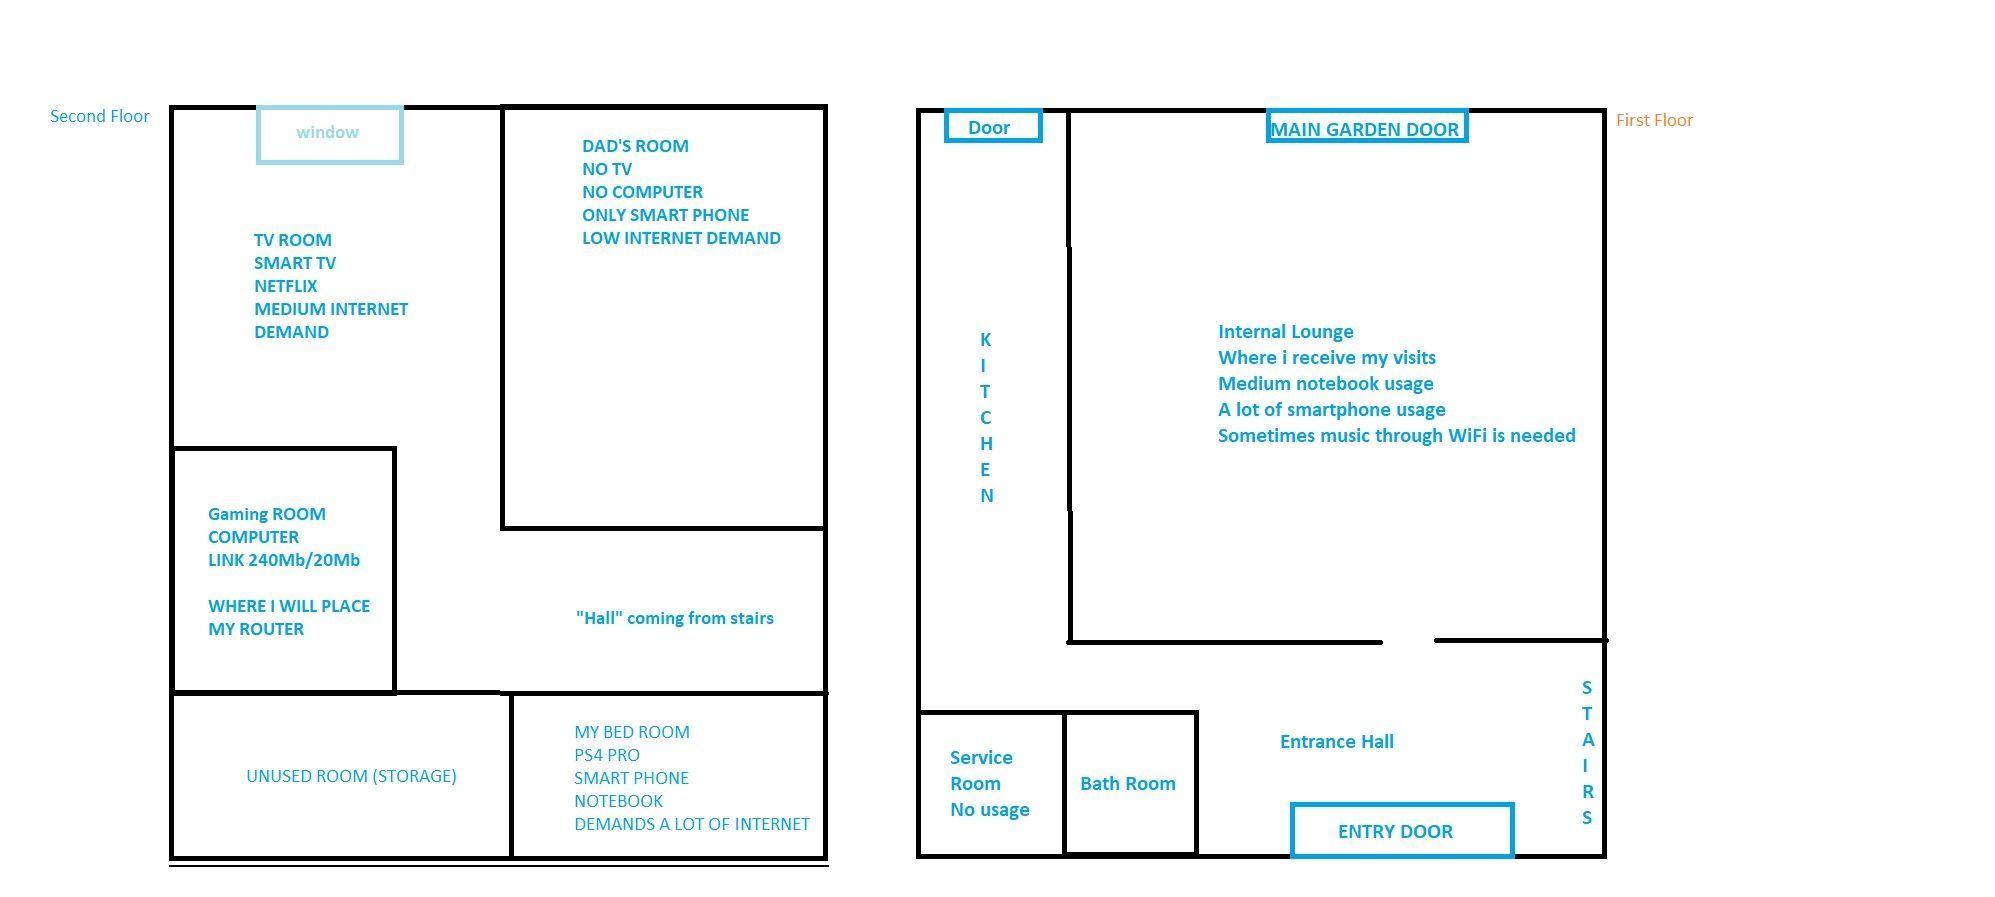 HELP] Setup WiFi for LARGE HOUSE + Gaming | Ubiquiti Community